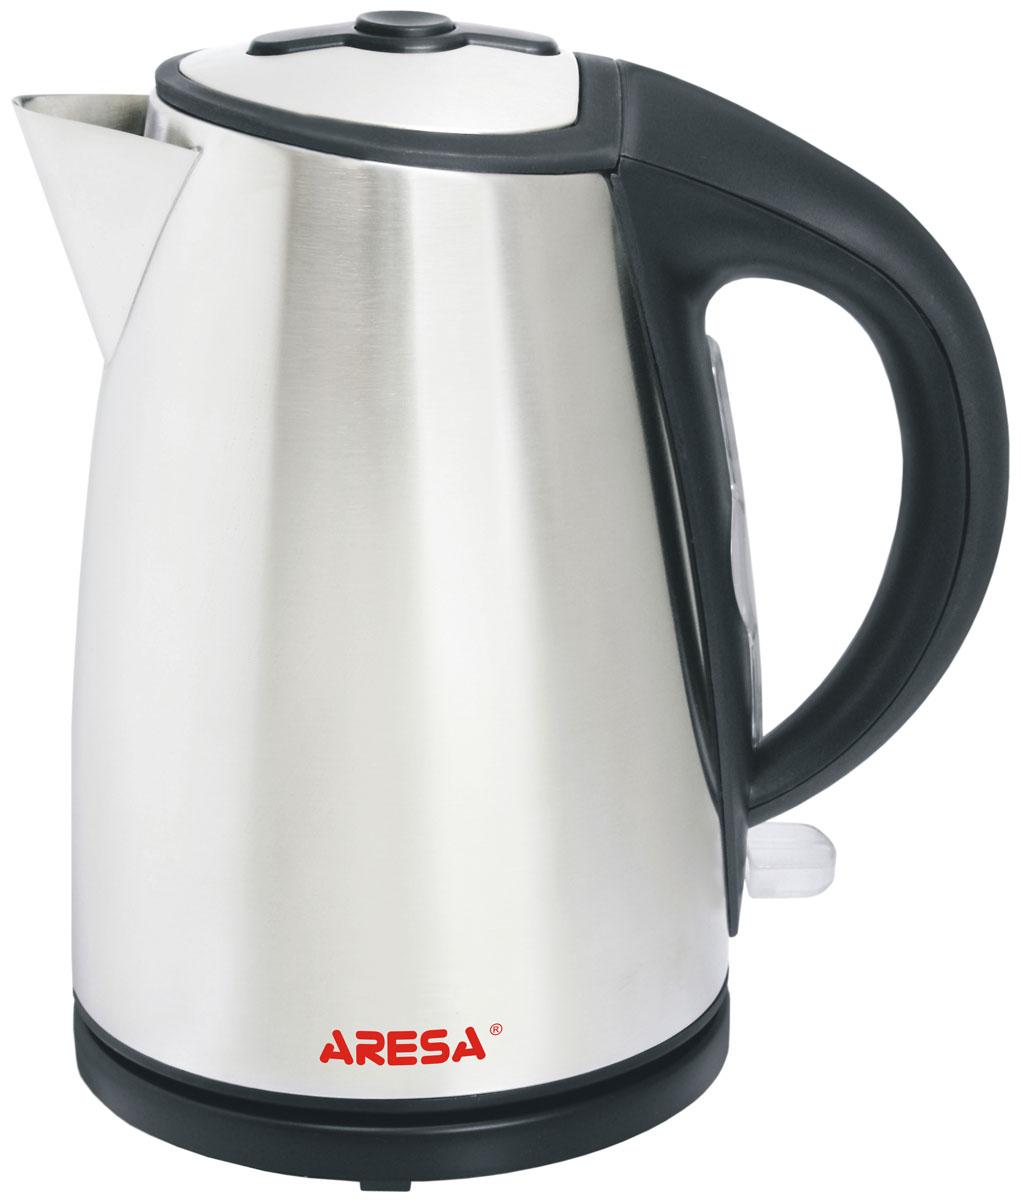 Aresa AR-3418 чайник электрическийAR-3418Электрический чайник Aresa AR-3418 в стильном металлическом корпусе мощностью 2000 Вт и объемом 1,7 литра отвечает всем современным требованиям надежности и безопасности. При его производстве используются только высококачественные и экологически безопасные материалы, а также нагревательный элемент и контроллеры высокого класса надежности. Устройство будет служить вам долгие годы, наполняя ваш быт комфортом!